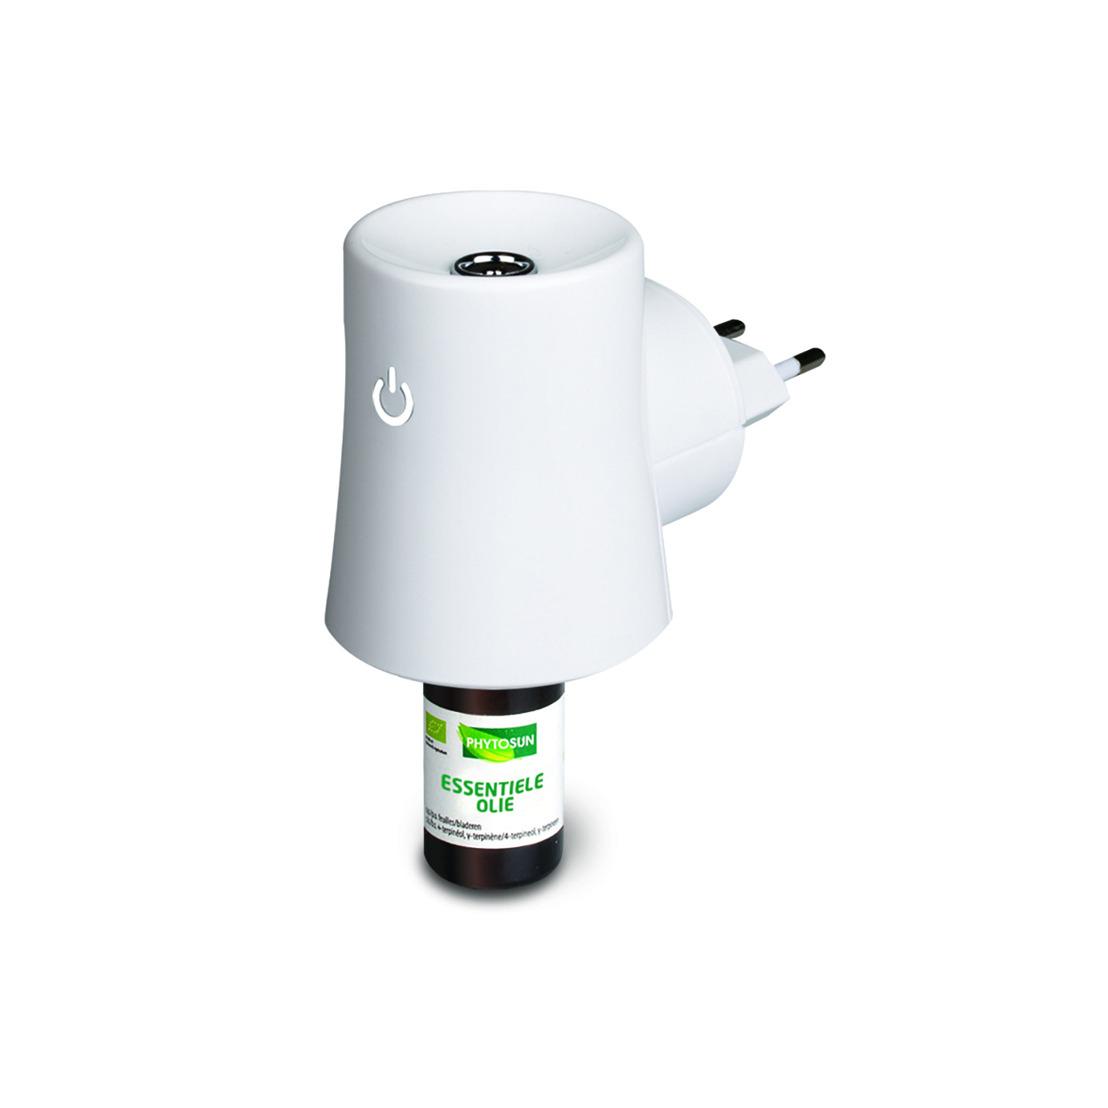 Un air de printemps dans votre intérieur avec le diffuseur Easyplug de Phytosun !